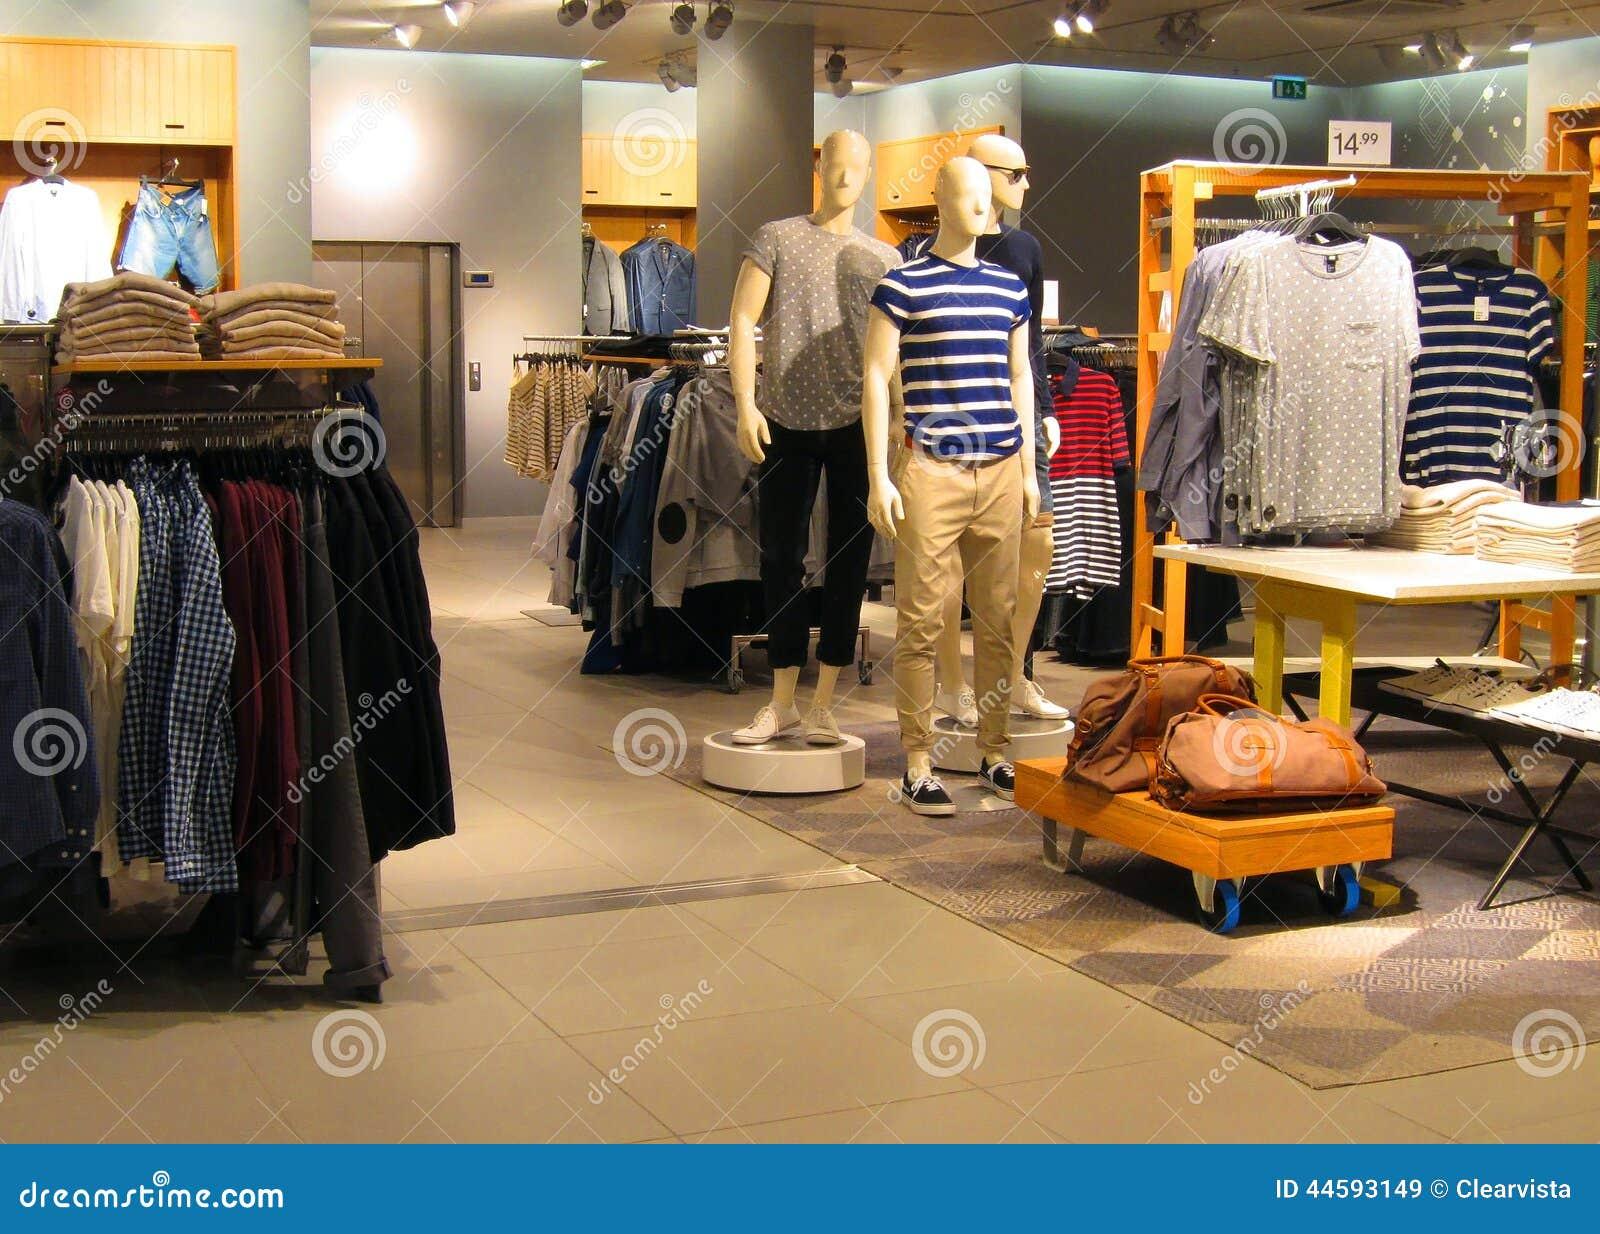 7aea137b7 Tienda de ropa para hombre imagen de archivo editorial. Imagen de ...